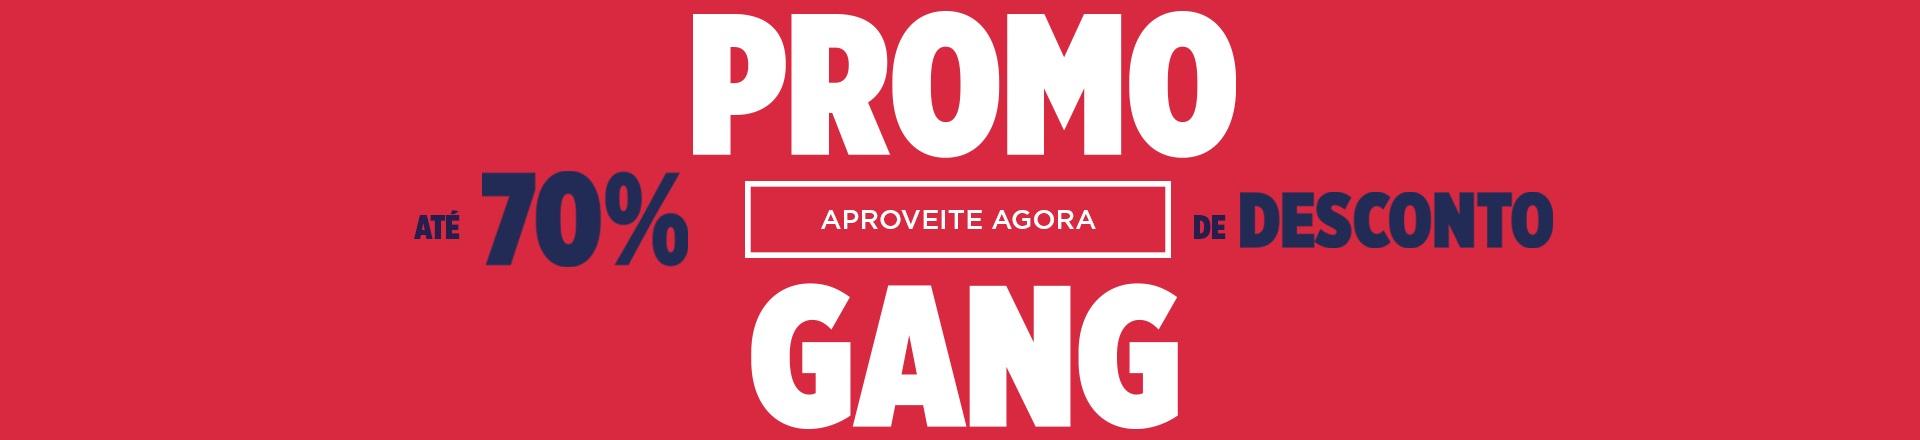 (DESK) PromoGang